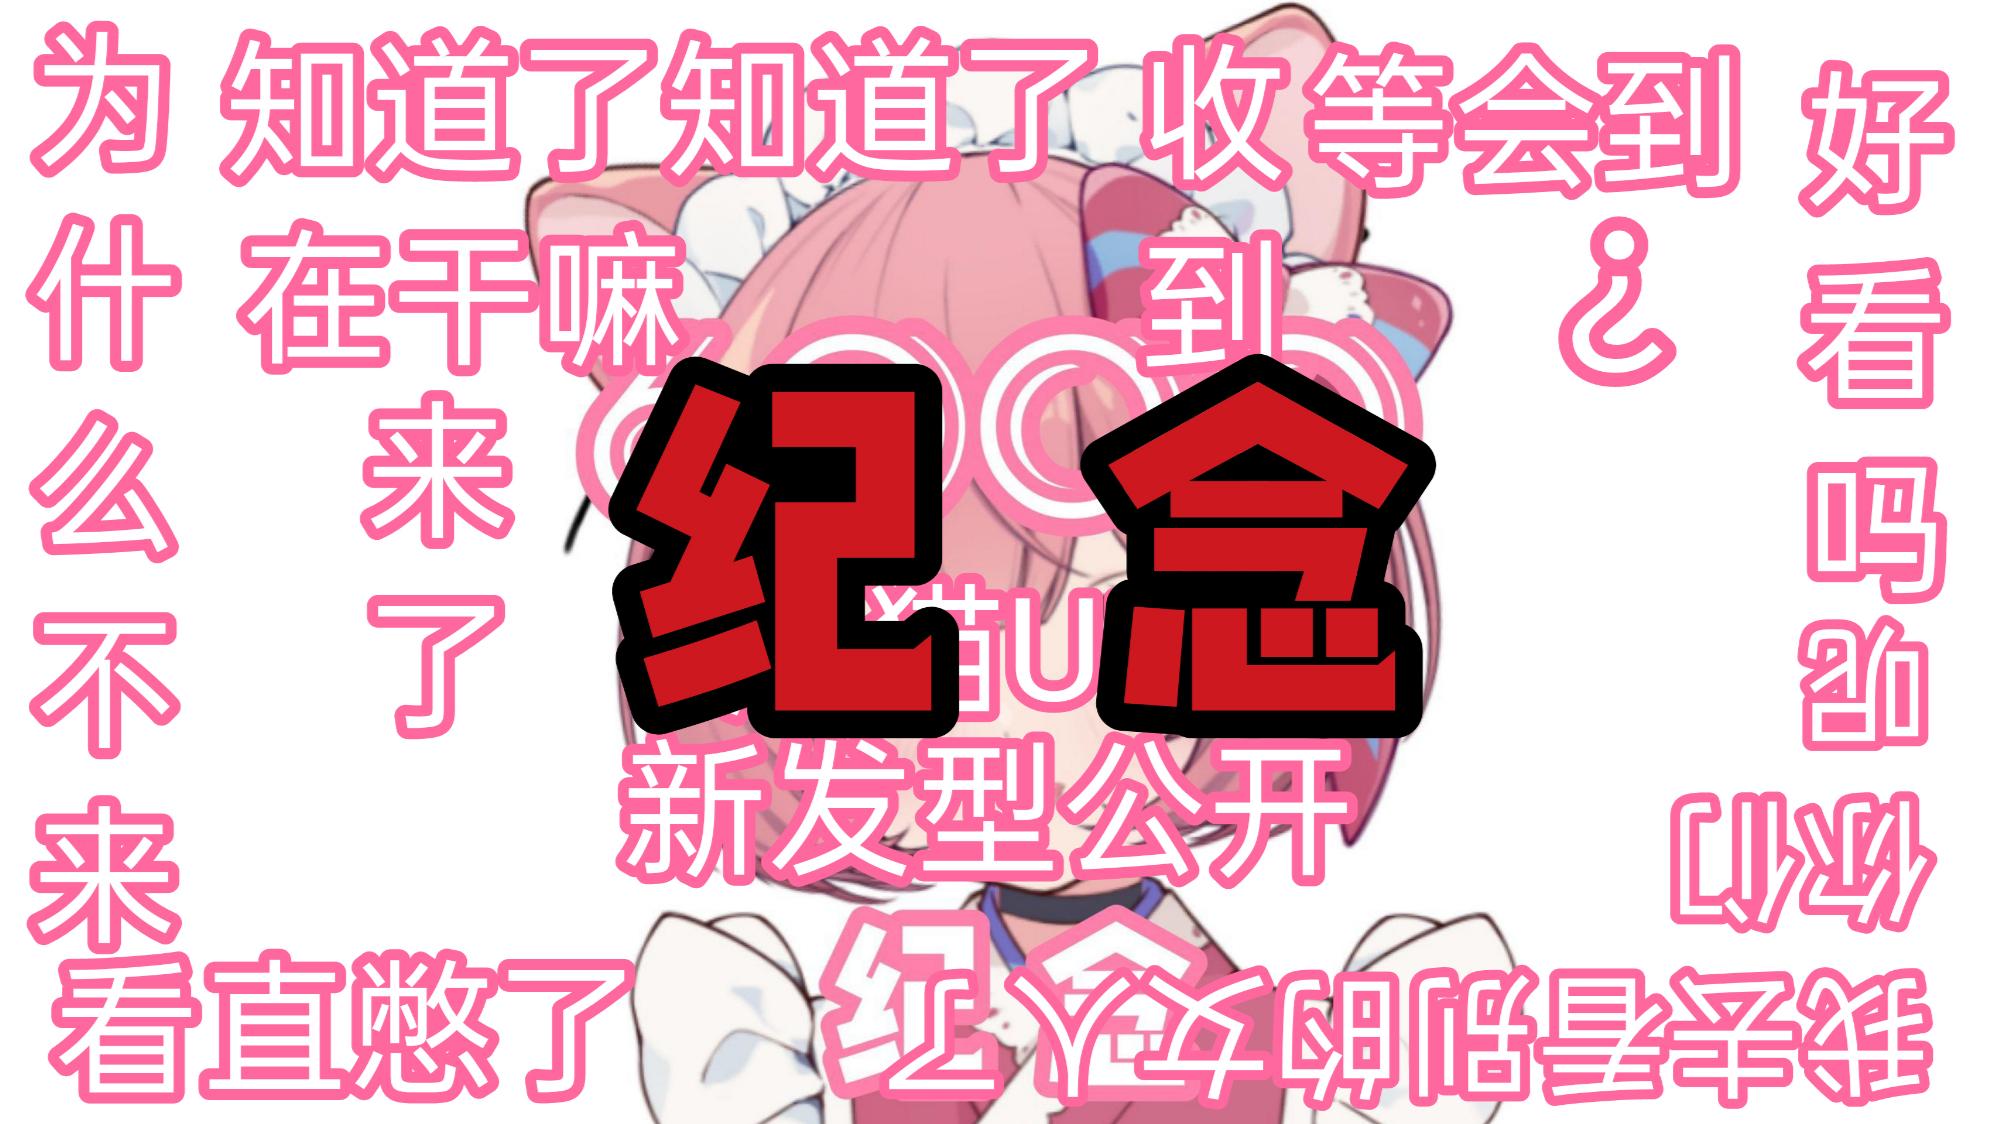 【海猫umi】6000粉纪念+新发型